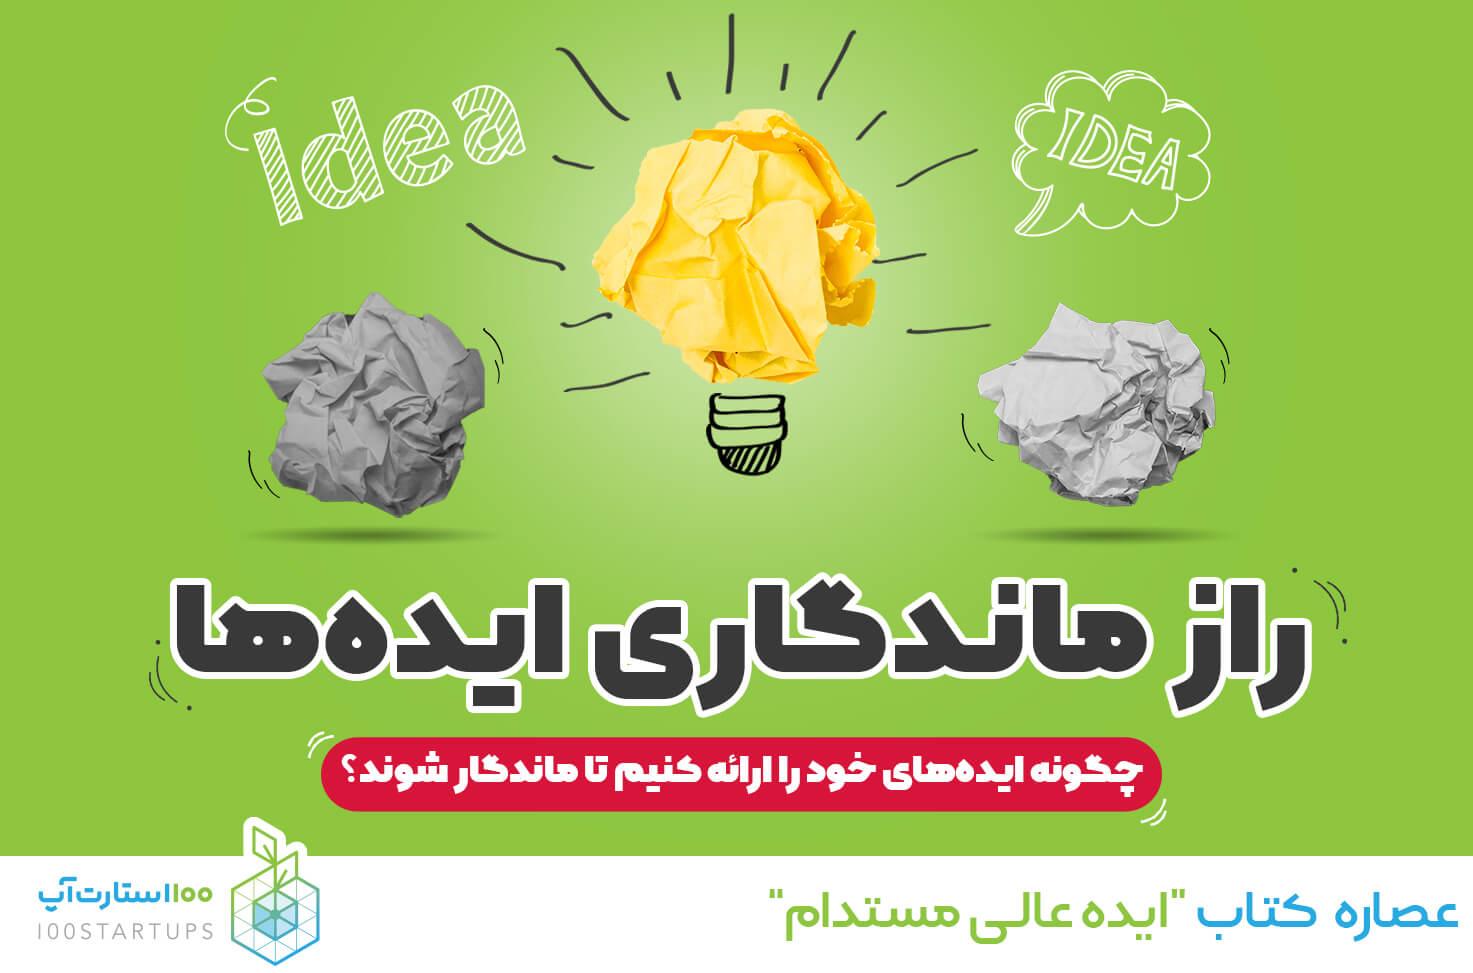 راز ماندگاری ایدهها؛ چگونه ایدههای خود را ارائه کنیم تا ماندگار شود؟